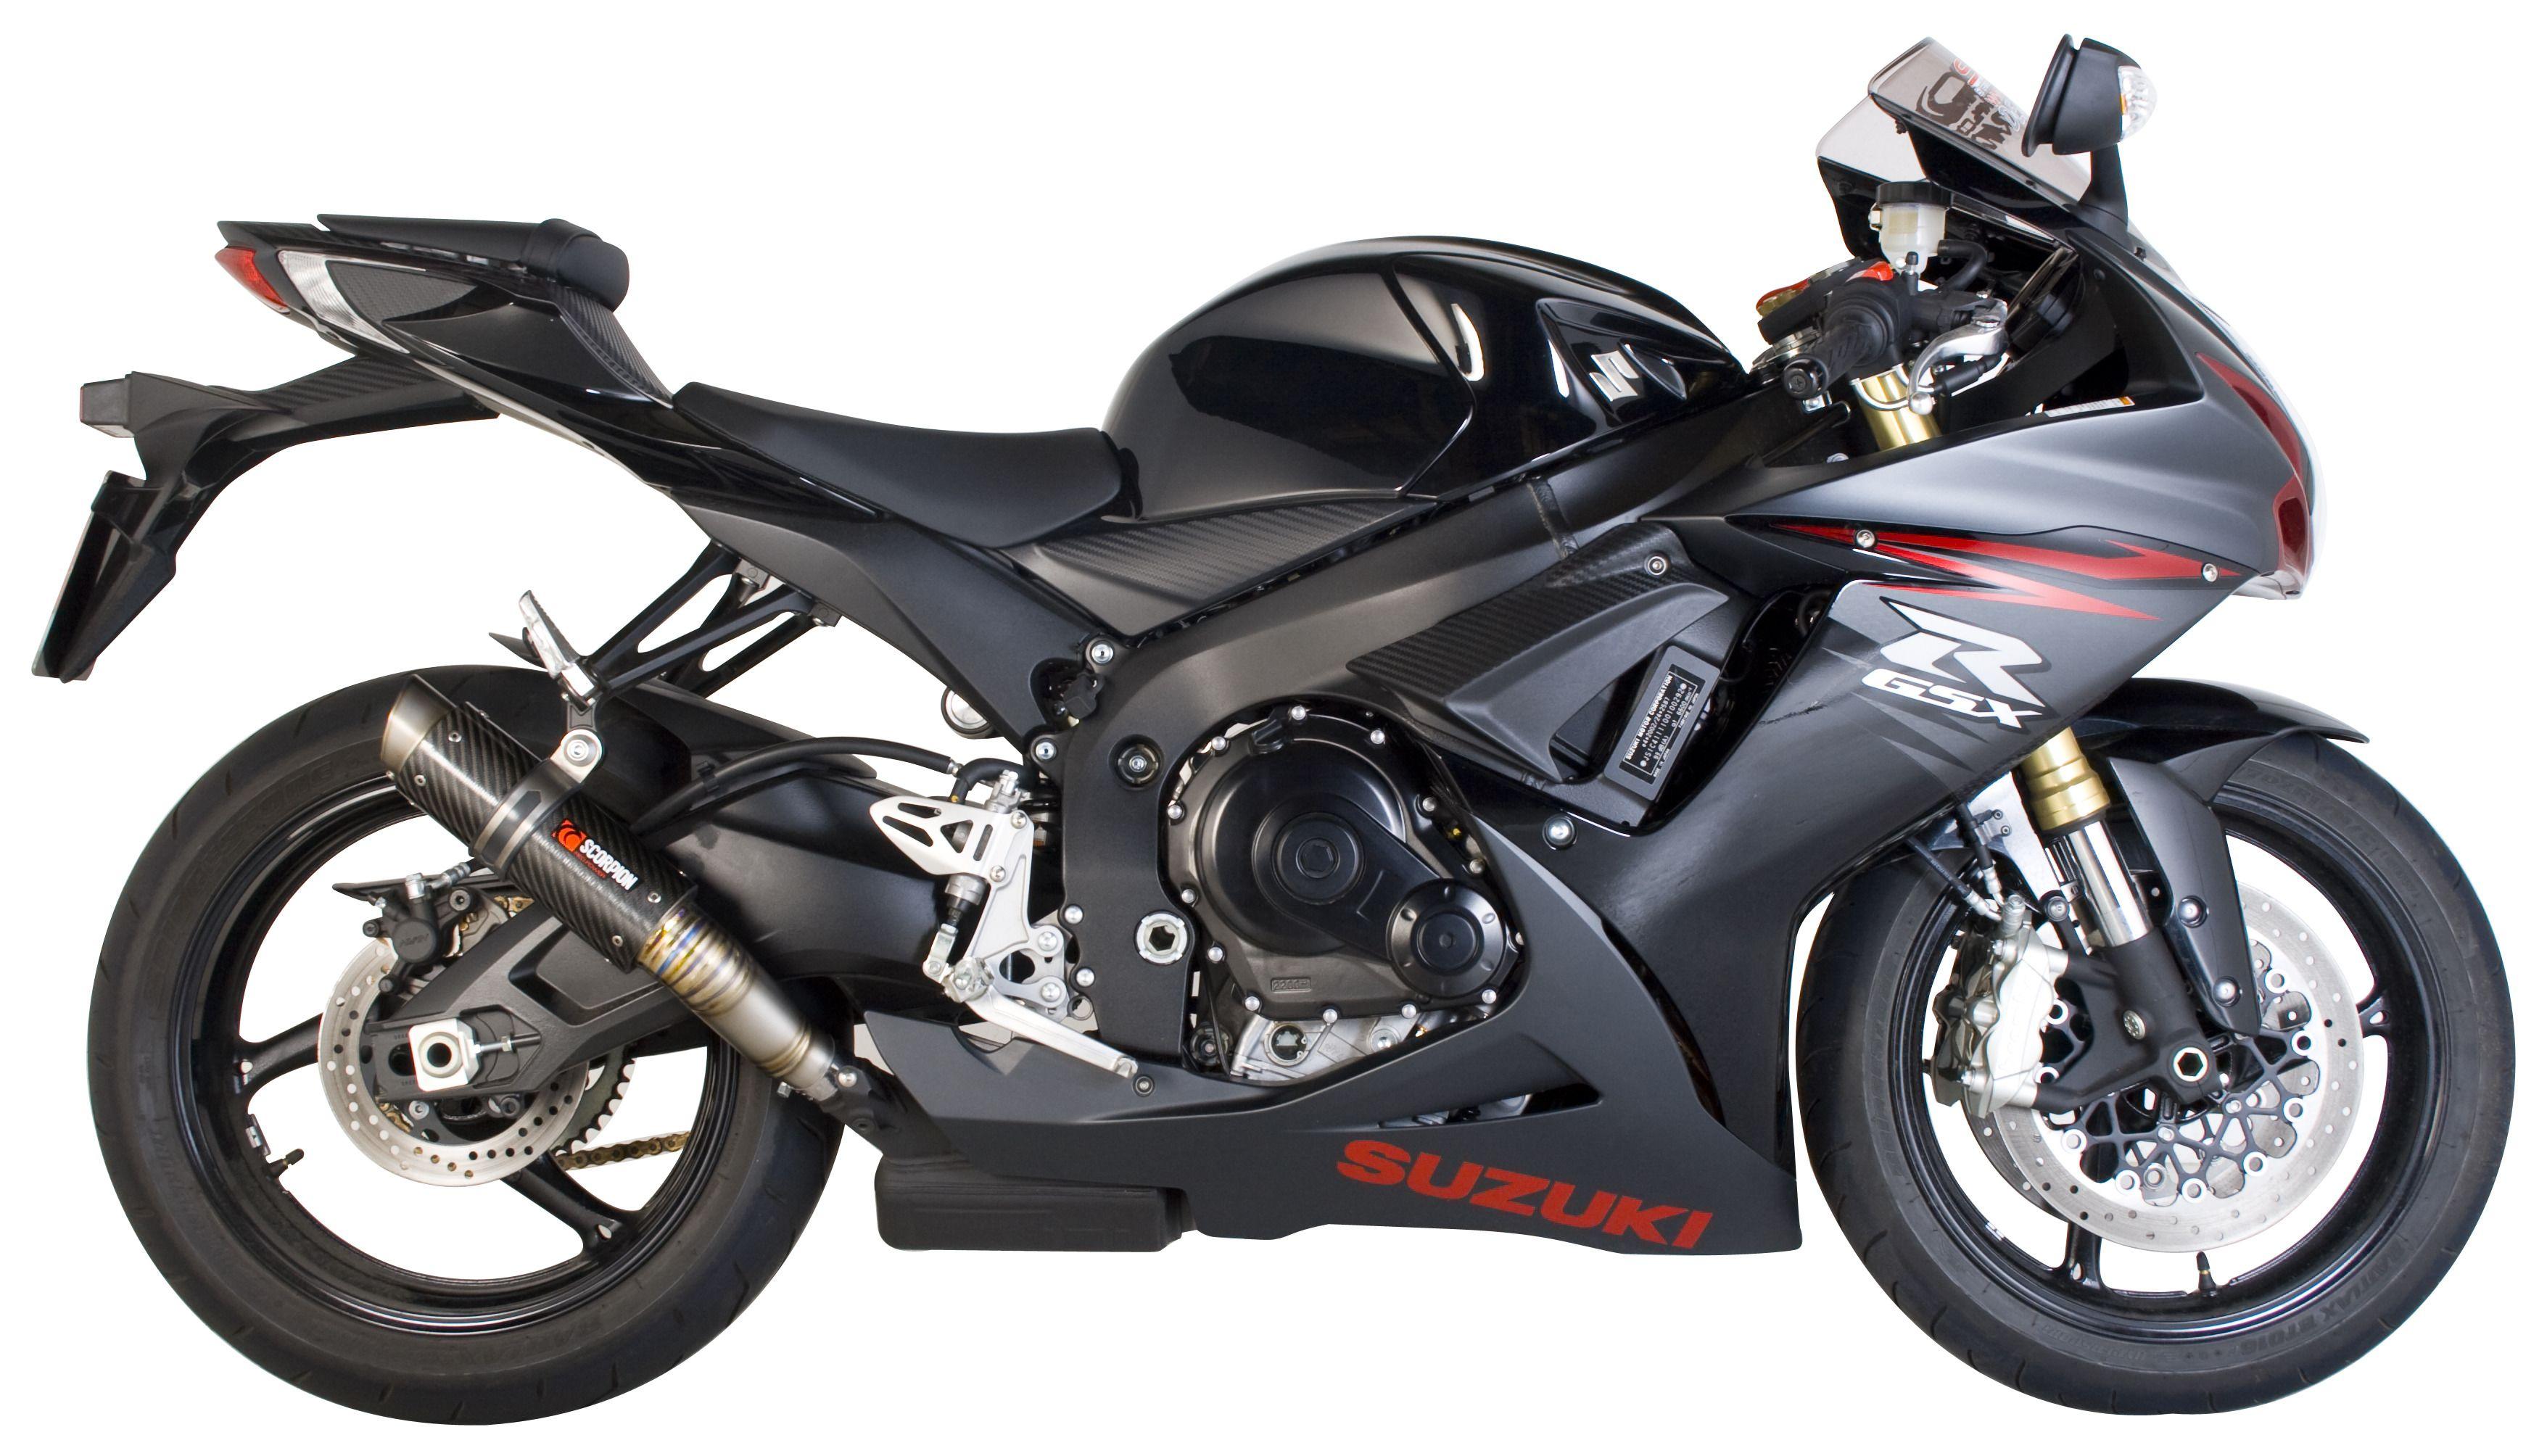 scorpion rp 1 gp series slip on exhaust suzuki gsx r600 gsxr 750 2011 2018 cycle gear. Black Bedroom Furniture Sets. Home Design Ideas